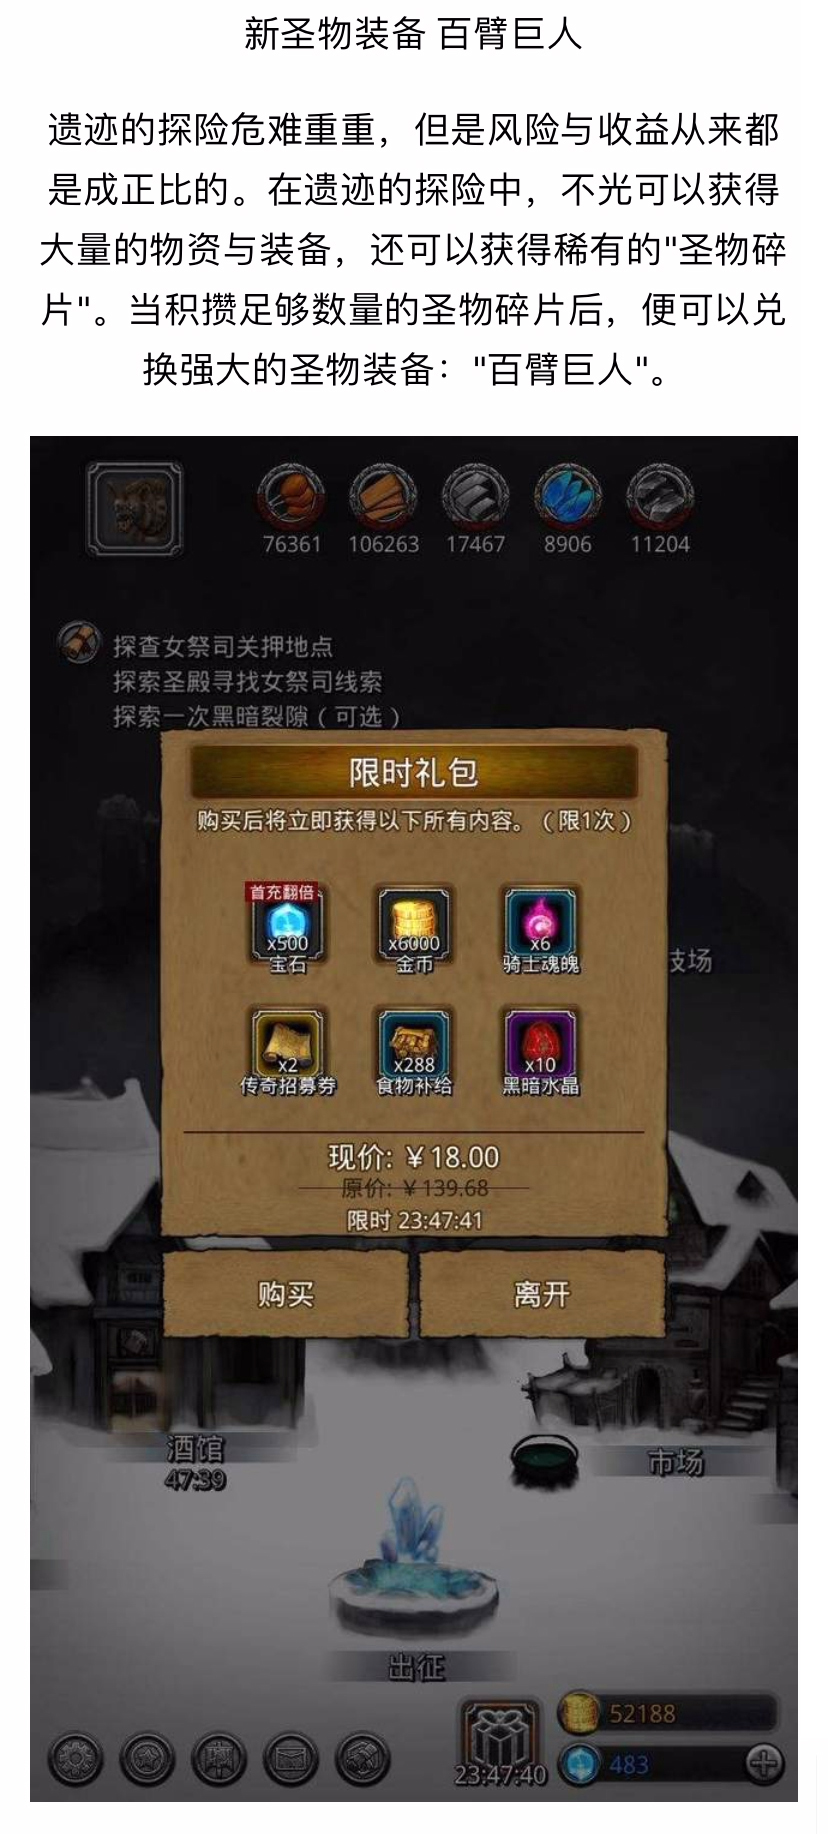 地下城堡2全新资料片遗迹远征上线-挑战远征模式新玩法_04.jpg